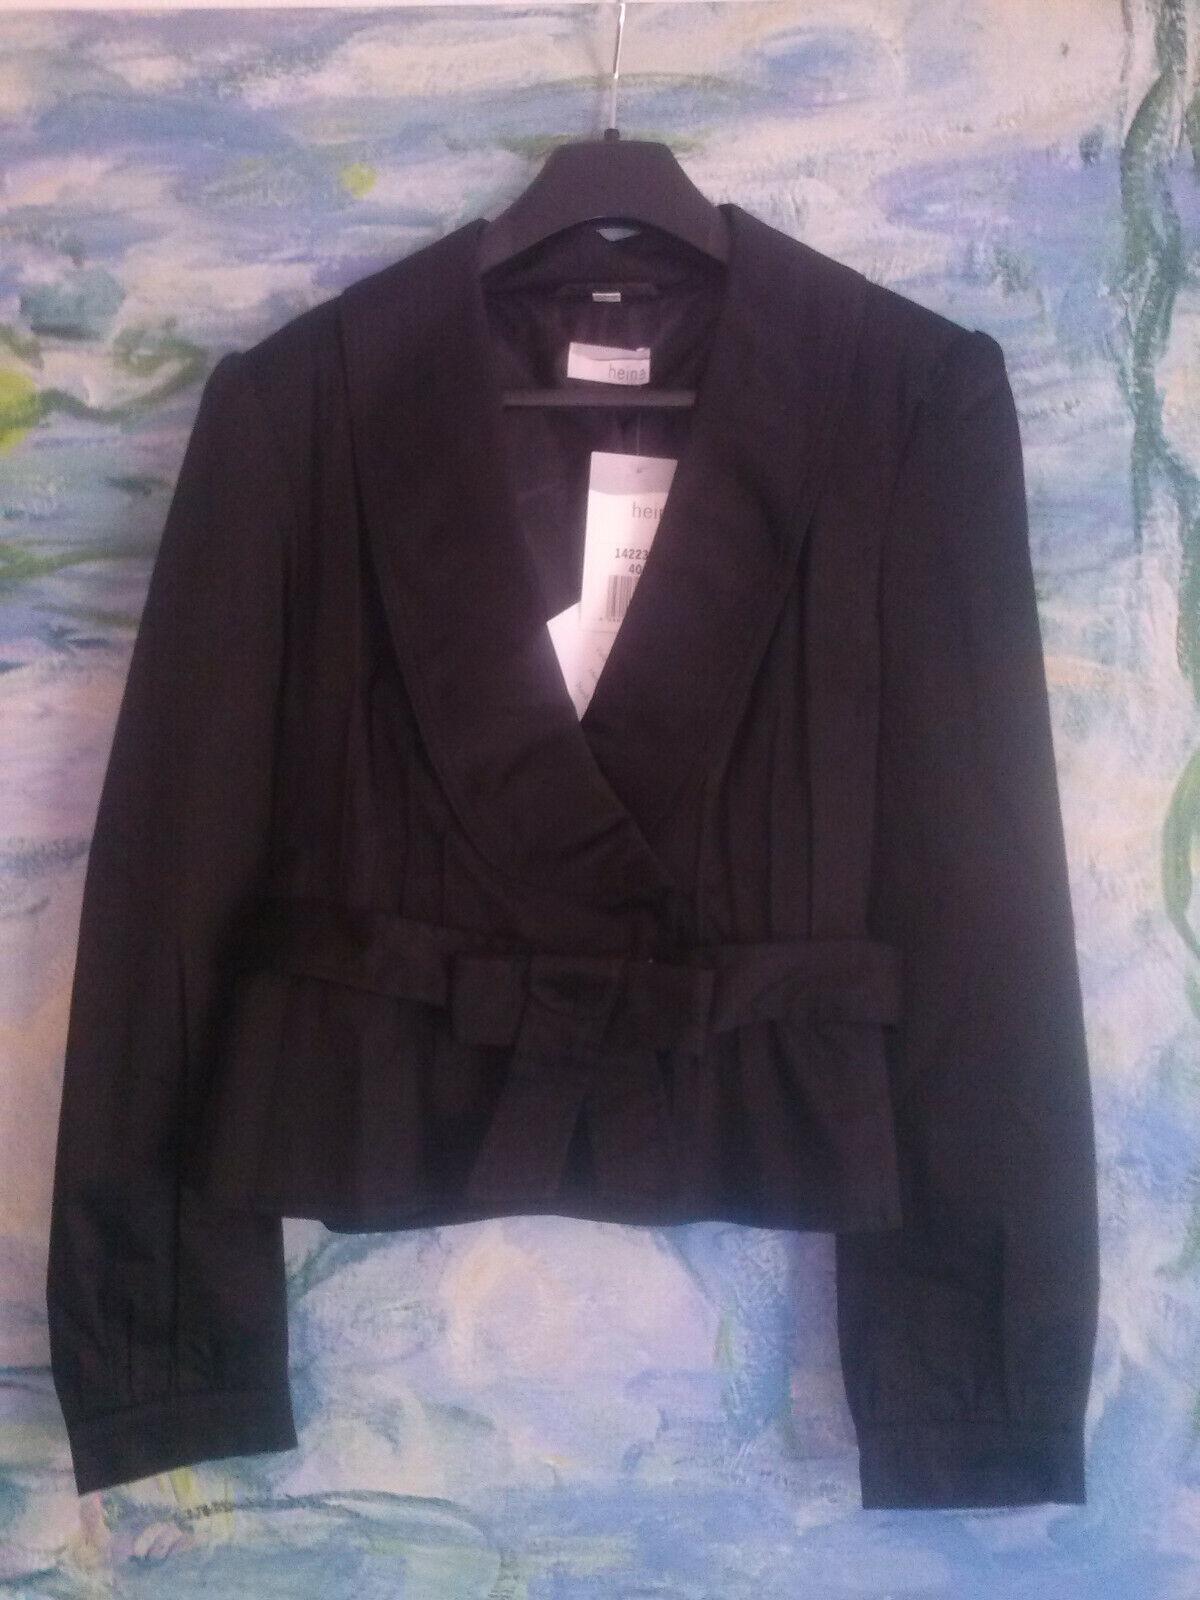 Baumwolle femininer Damen Blaser Jacke von HEINE schwarz Gr. 34 NEU mit Etikett